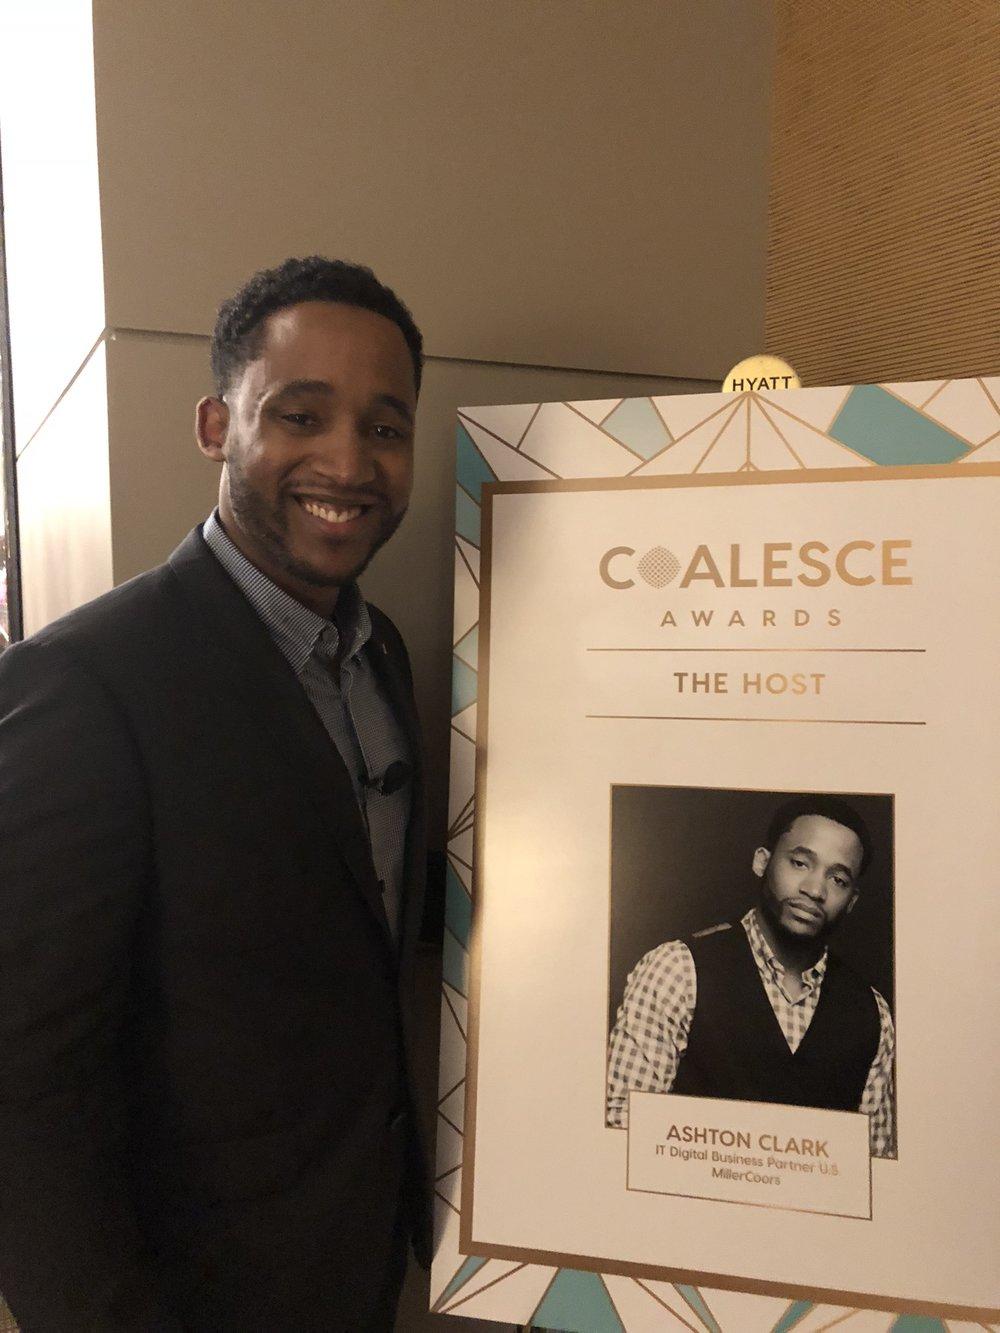 Ashton Clark, MBA, storyteller, motivational speaker, information technology leader, intrapreneur and nationally award-winning entrepreneur Coalesce Awards in Chicago